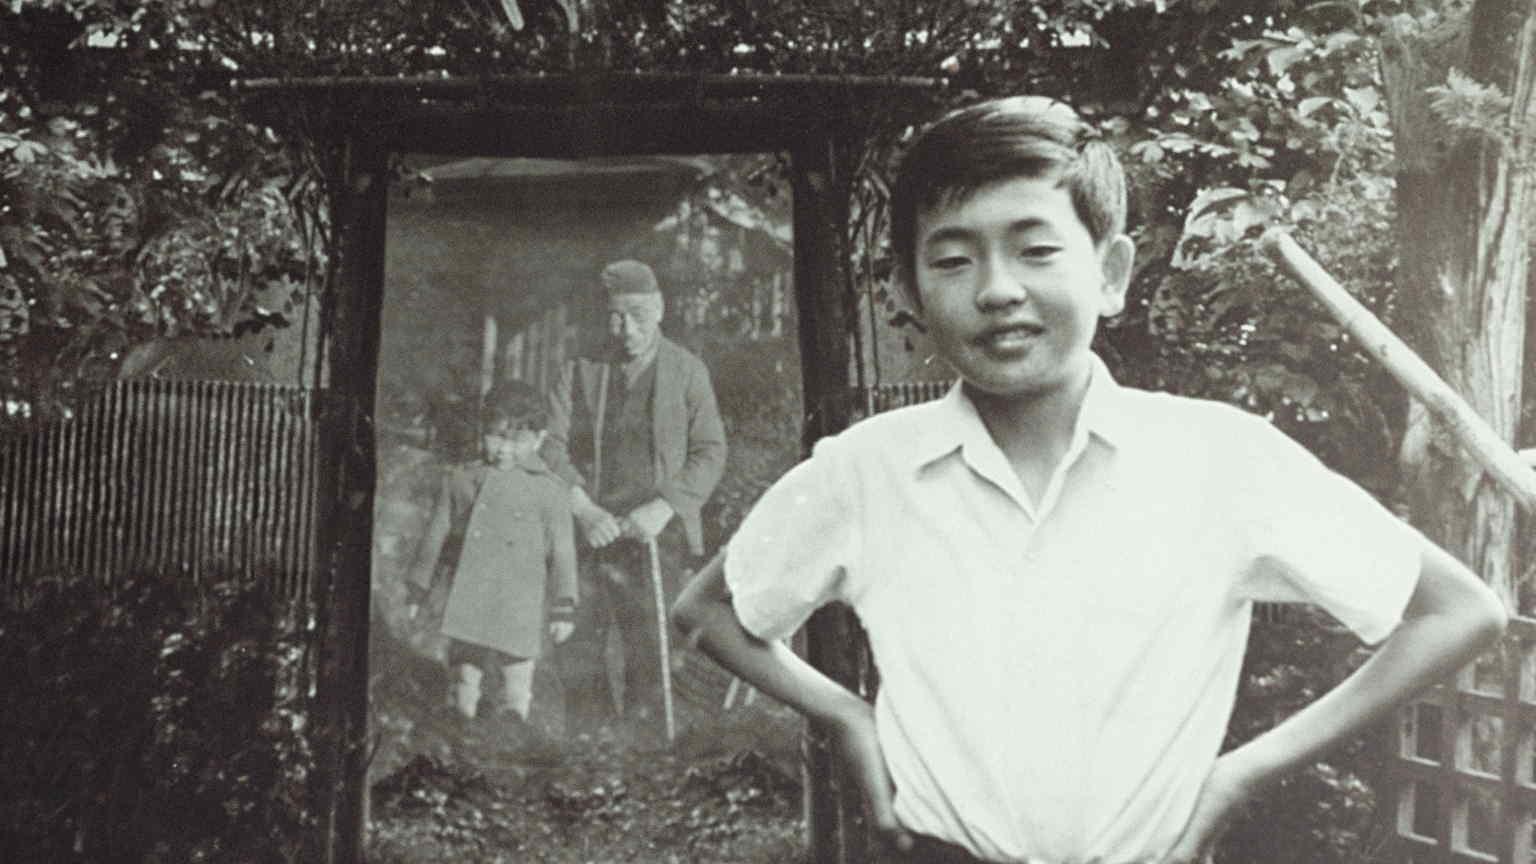 Kengo Kuma as a young boy in Japan